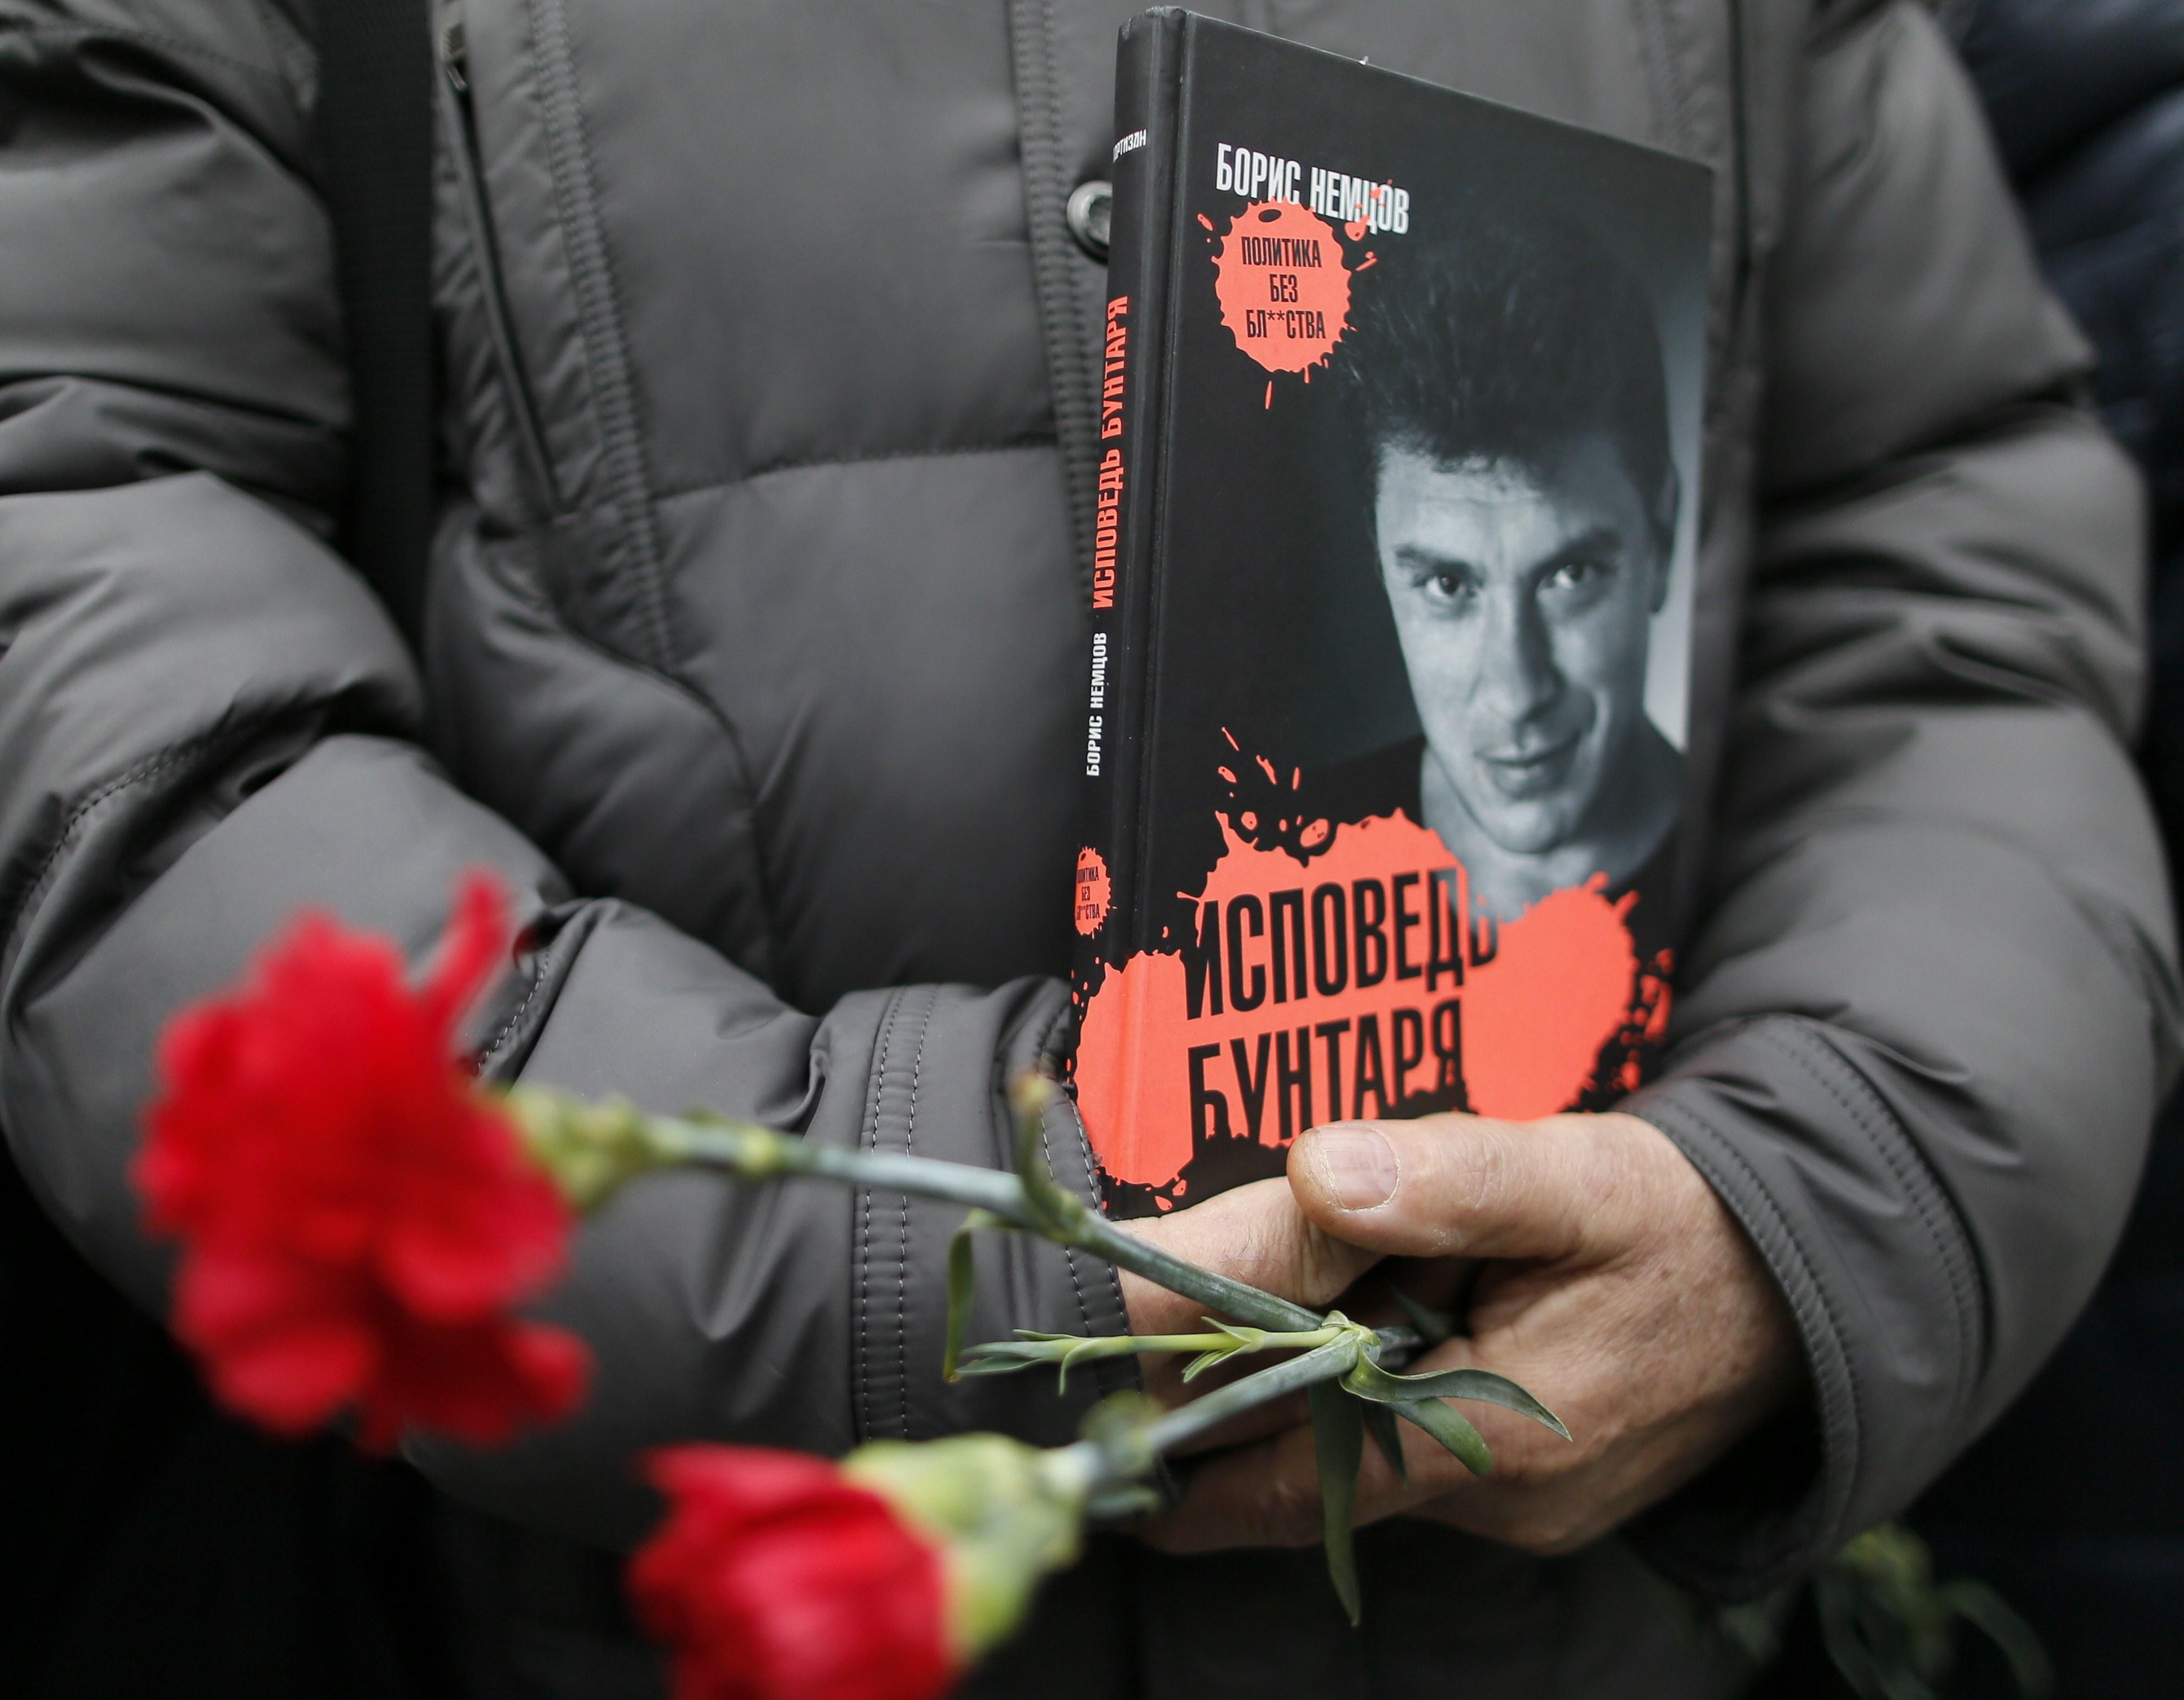 Ο Νεμτσόφ πίστευε πως ο Πούτιν «είναι χειρότερος κι από τους Σοβιετικούς»